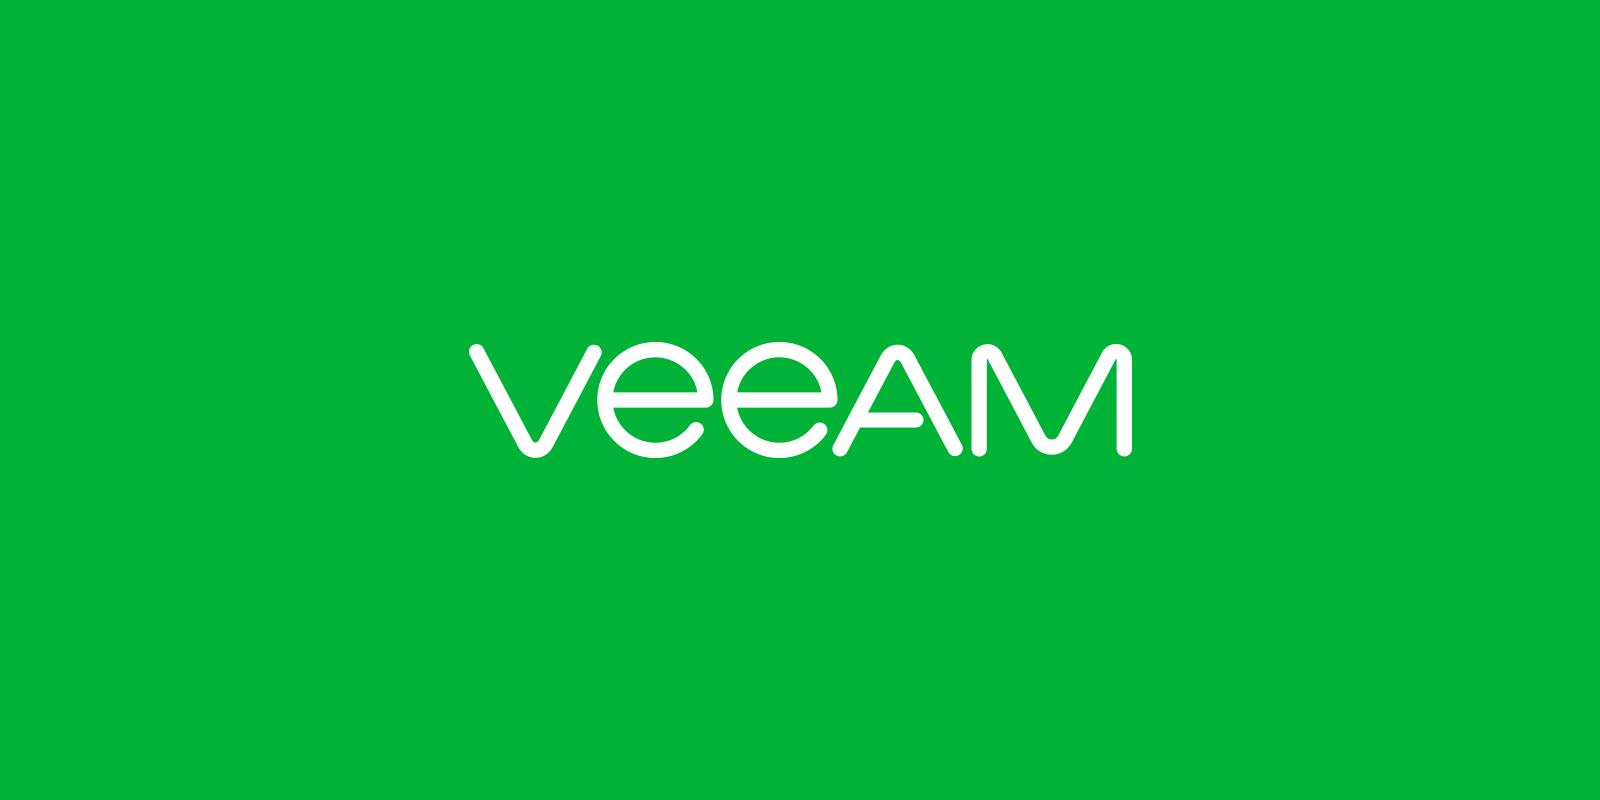 745b6ec0fb95 Veeam získává zálohovací certifikaci pro SAP HANA a dále rozšiřuje  integraci s klíčovými podnikovými aplikacemi